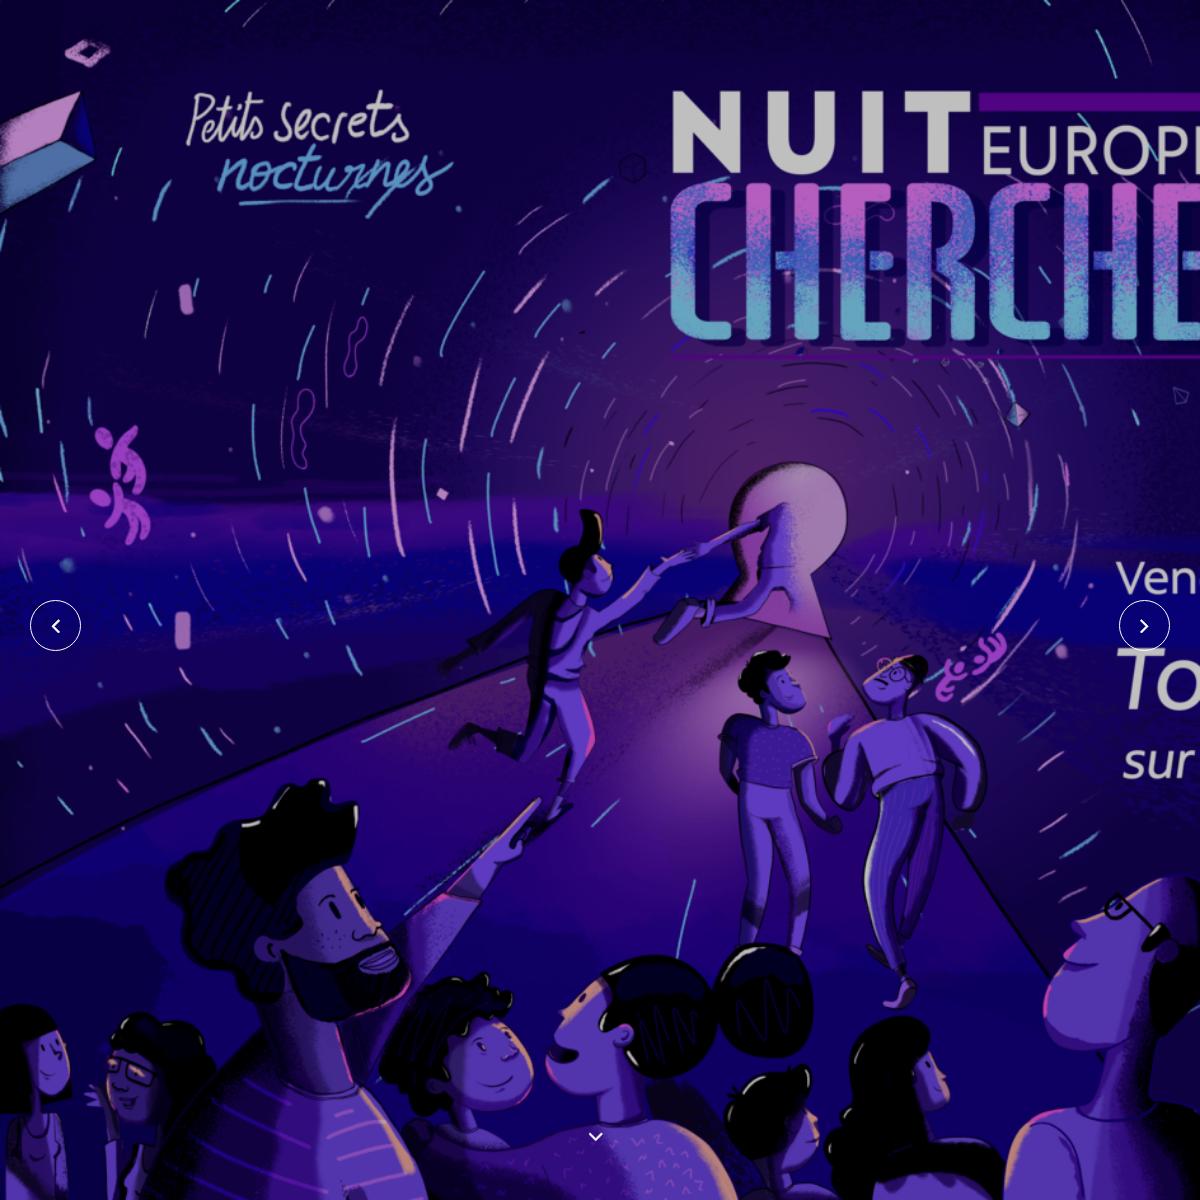 Nuit Europeenne des chercheur.e.s - 2020